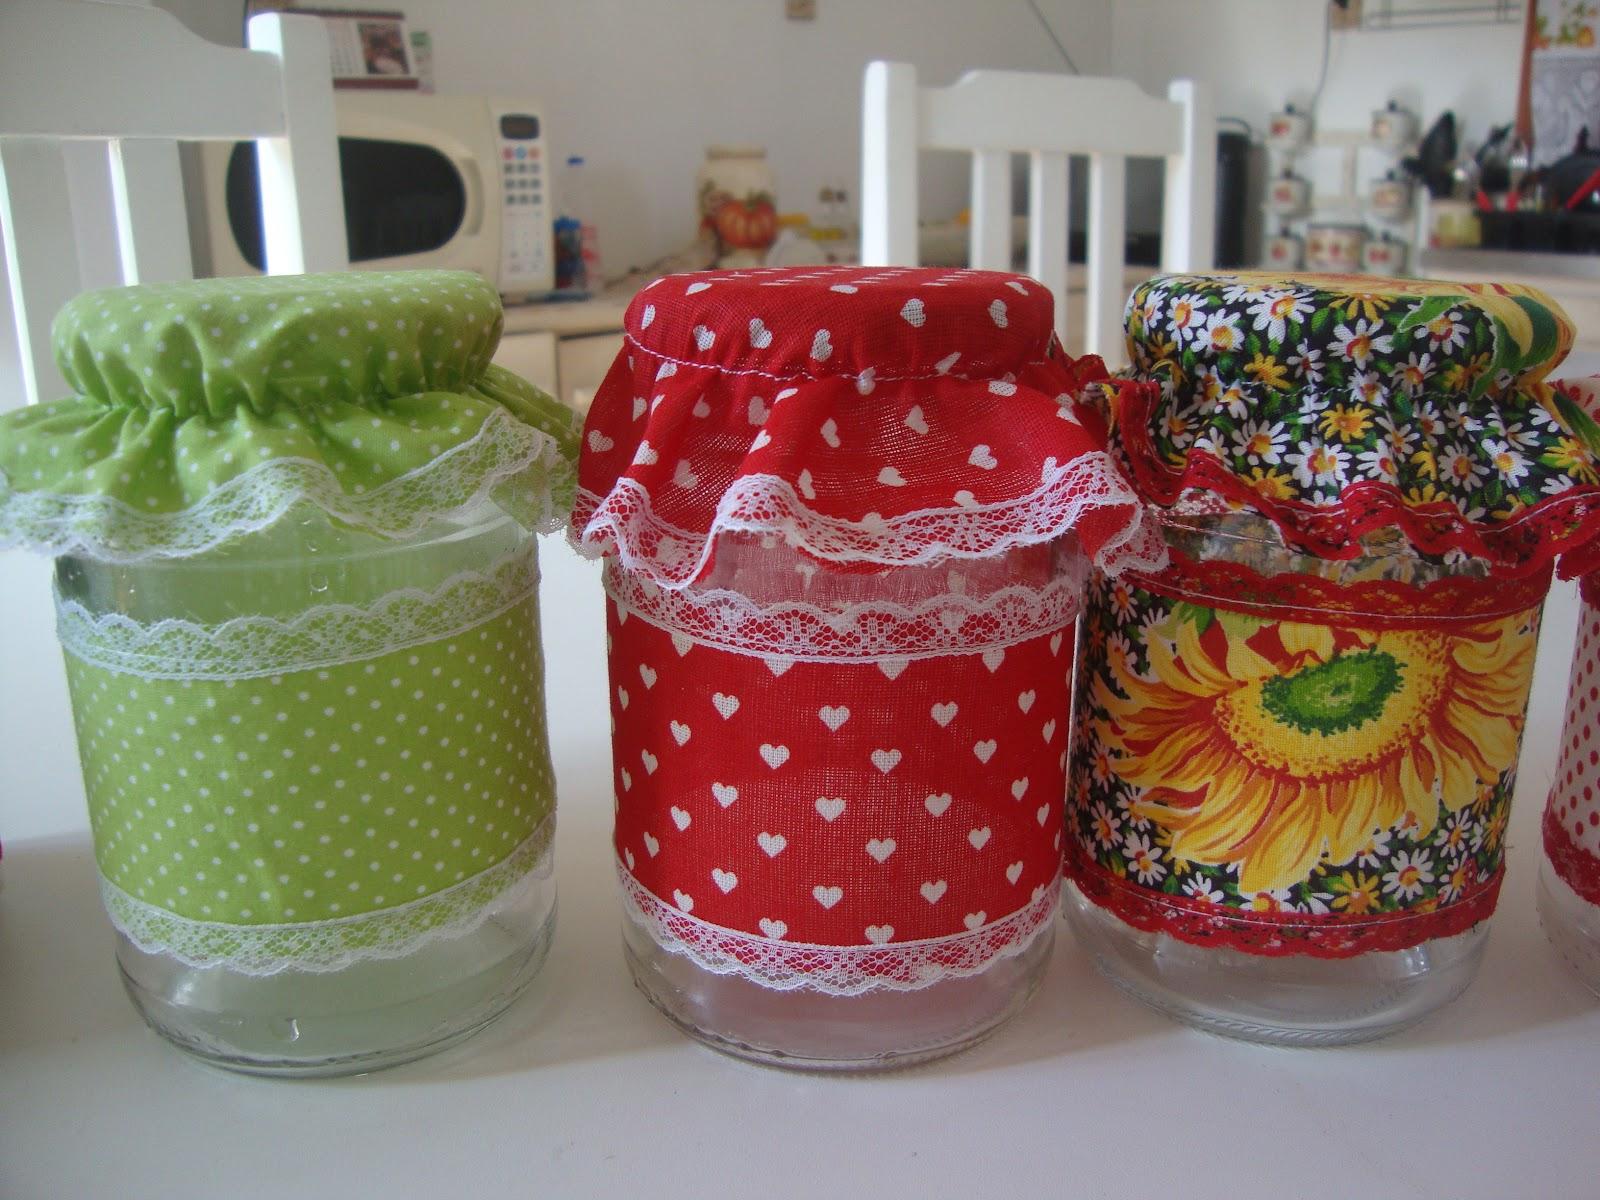 Potes-de-vidro-decorados-11.jpg